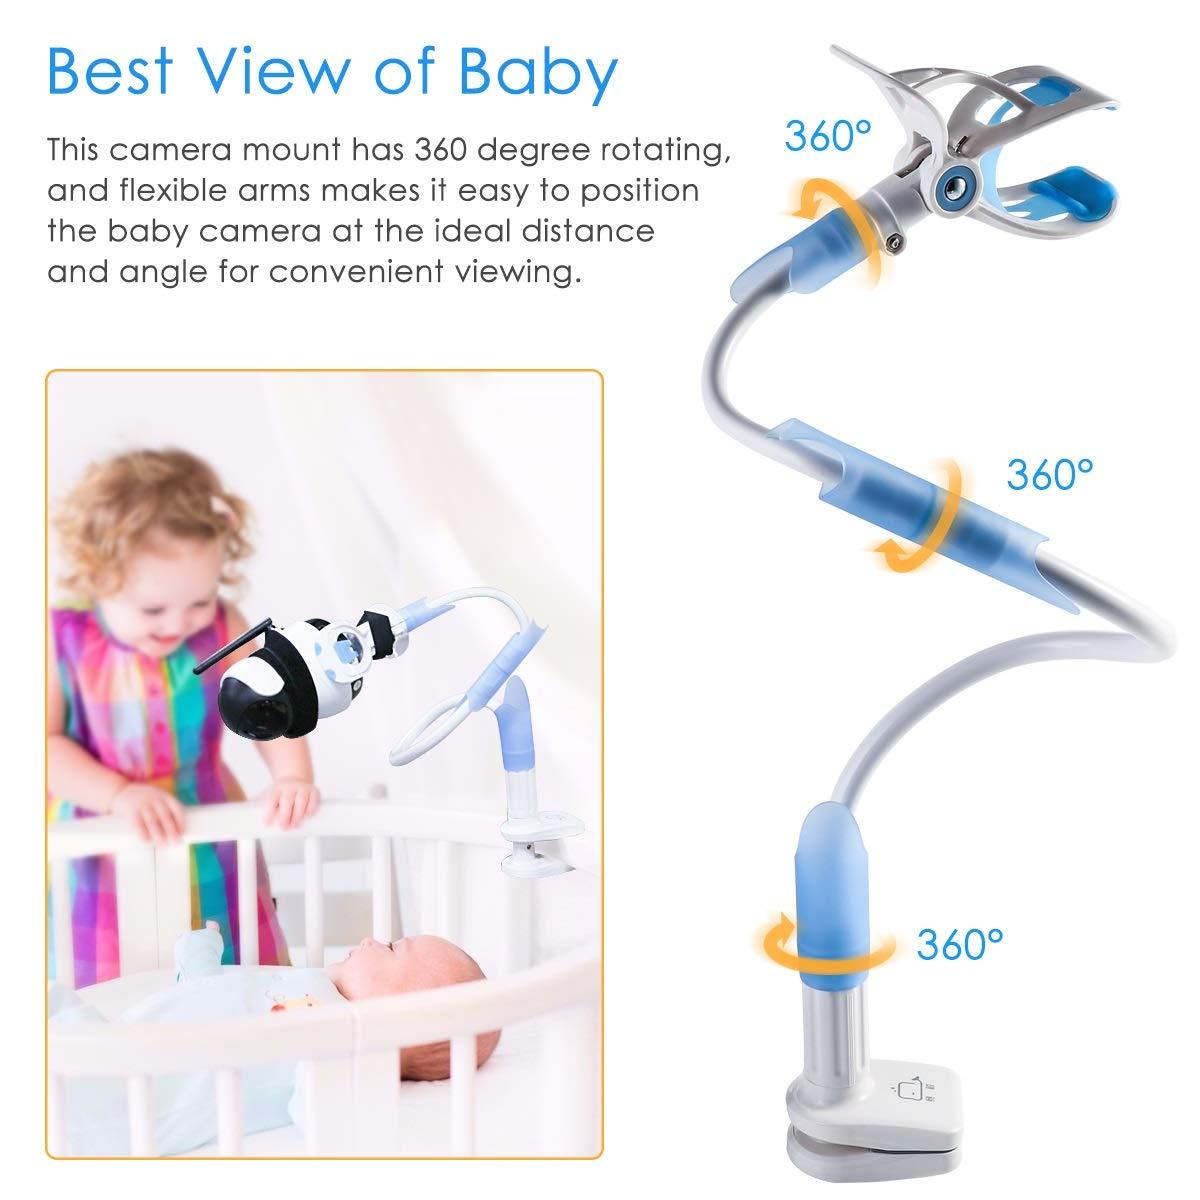 Wallfire Baby-Monitorhalterung Baby-Kamerahalterung 360 /° Rotation biegsamer Schwanenhals-Tischhalterung f/ür die meisten Babyphone